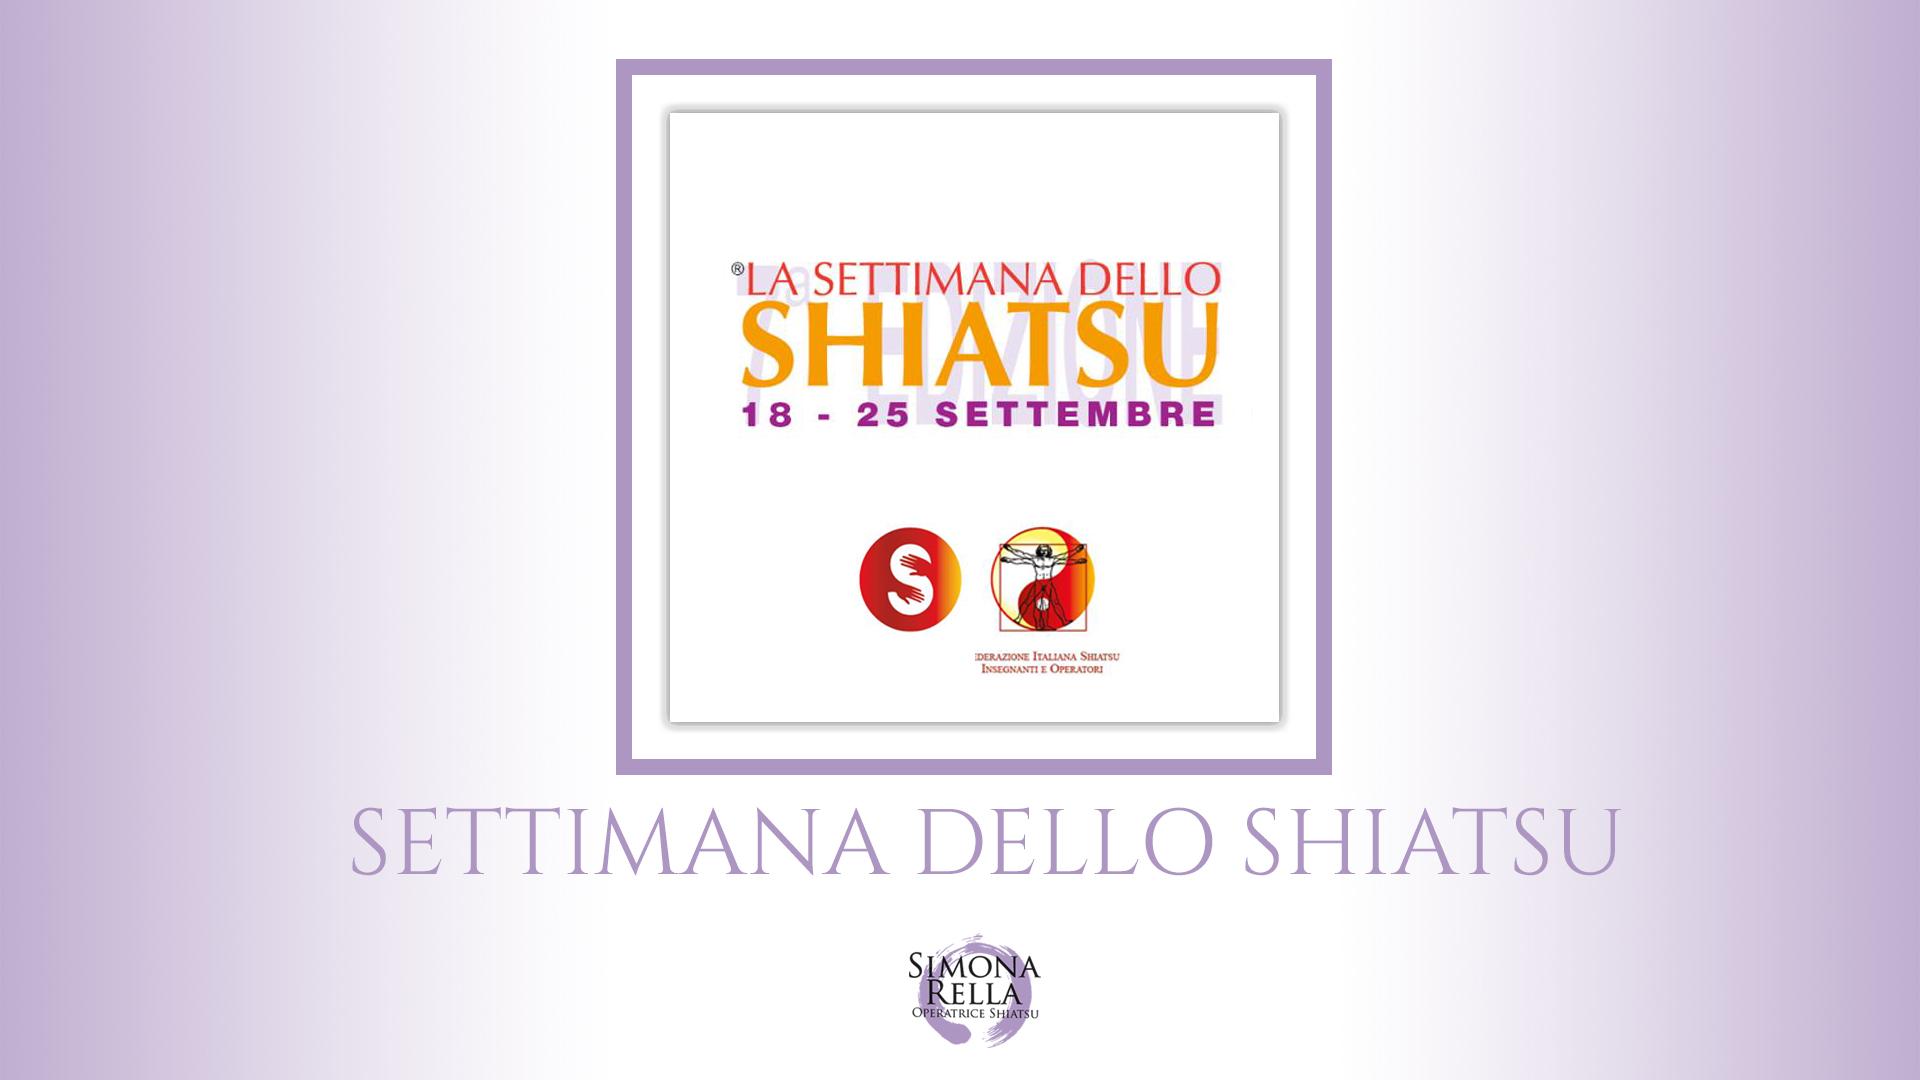 settimana-dello-shiatsu__simonarella-shiatsu